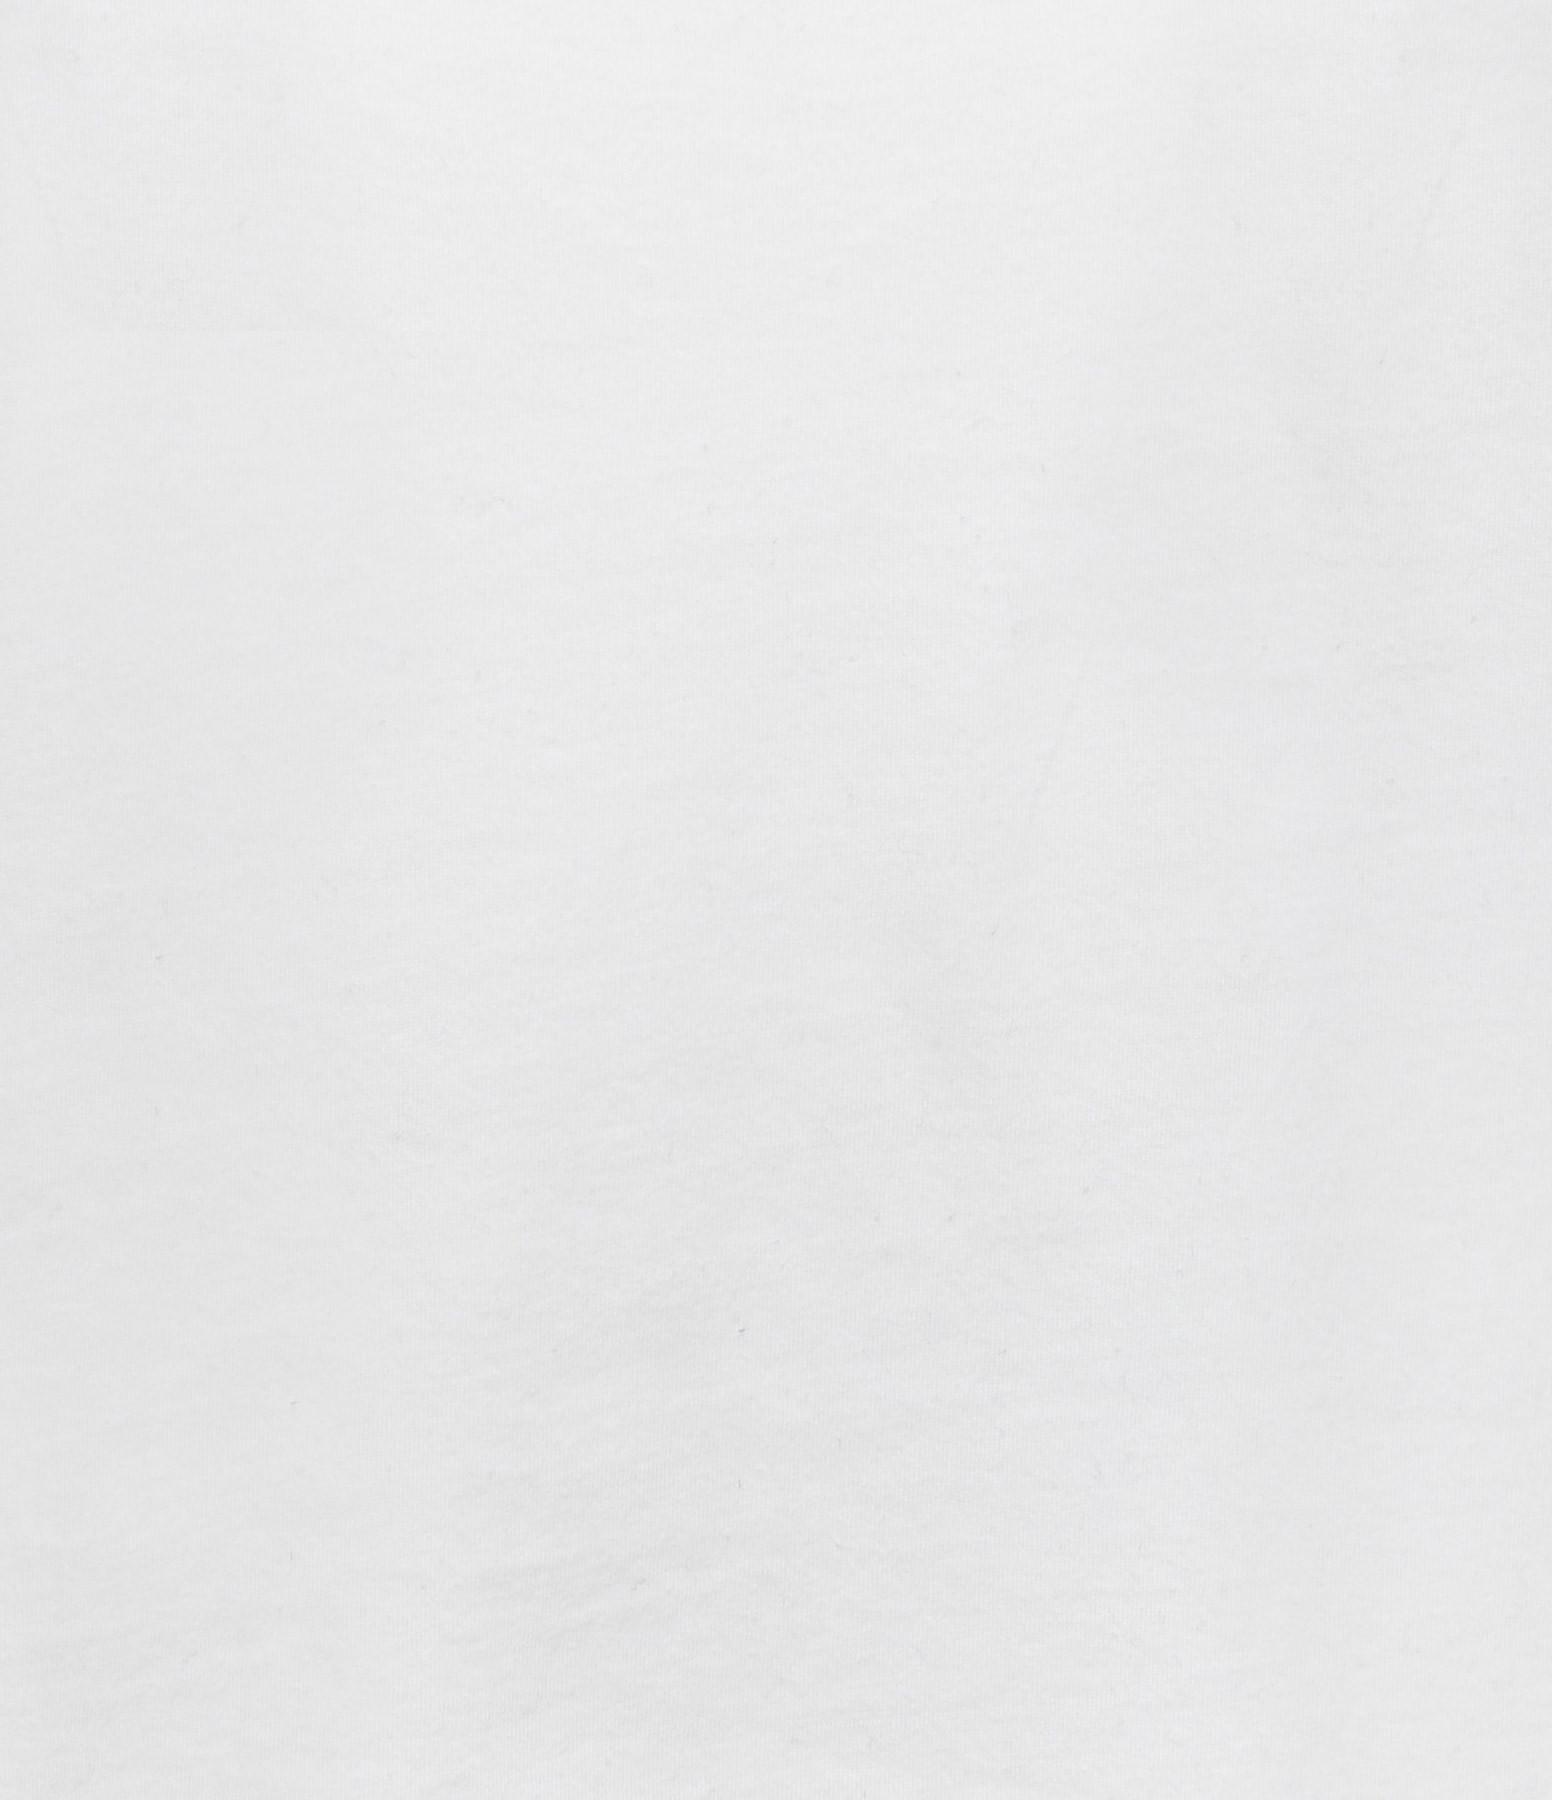 MAJESTIC FILATURES - Débardeur Col Rond Coton Blanc